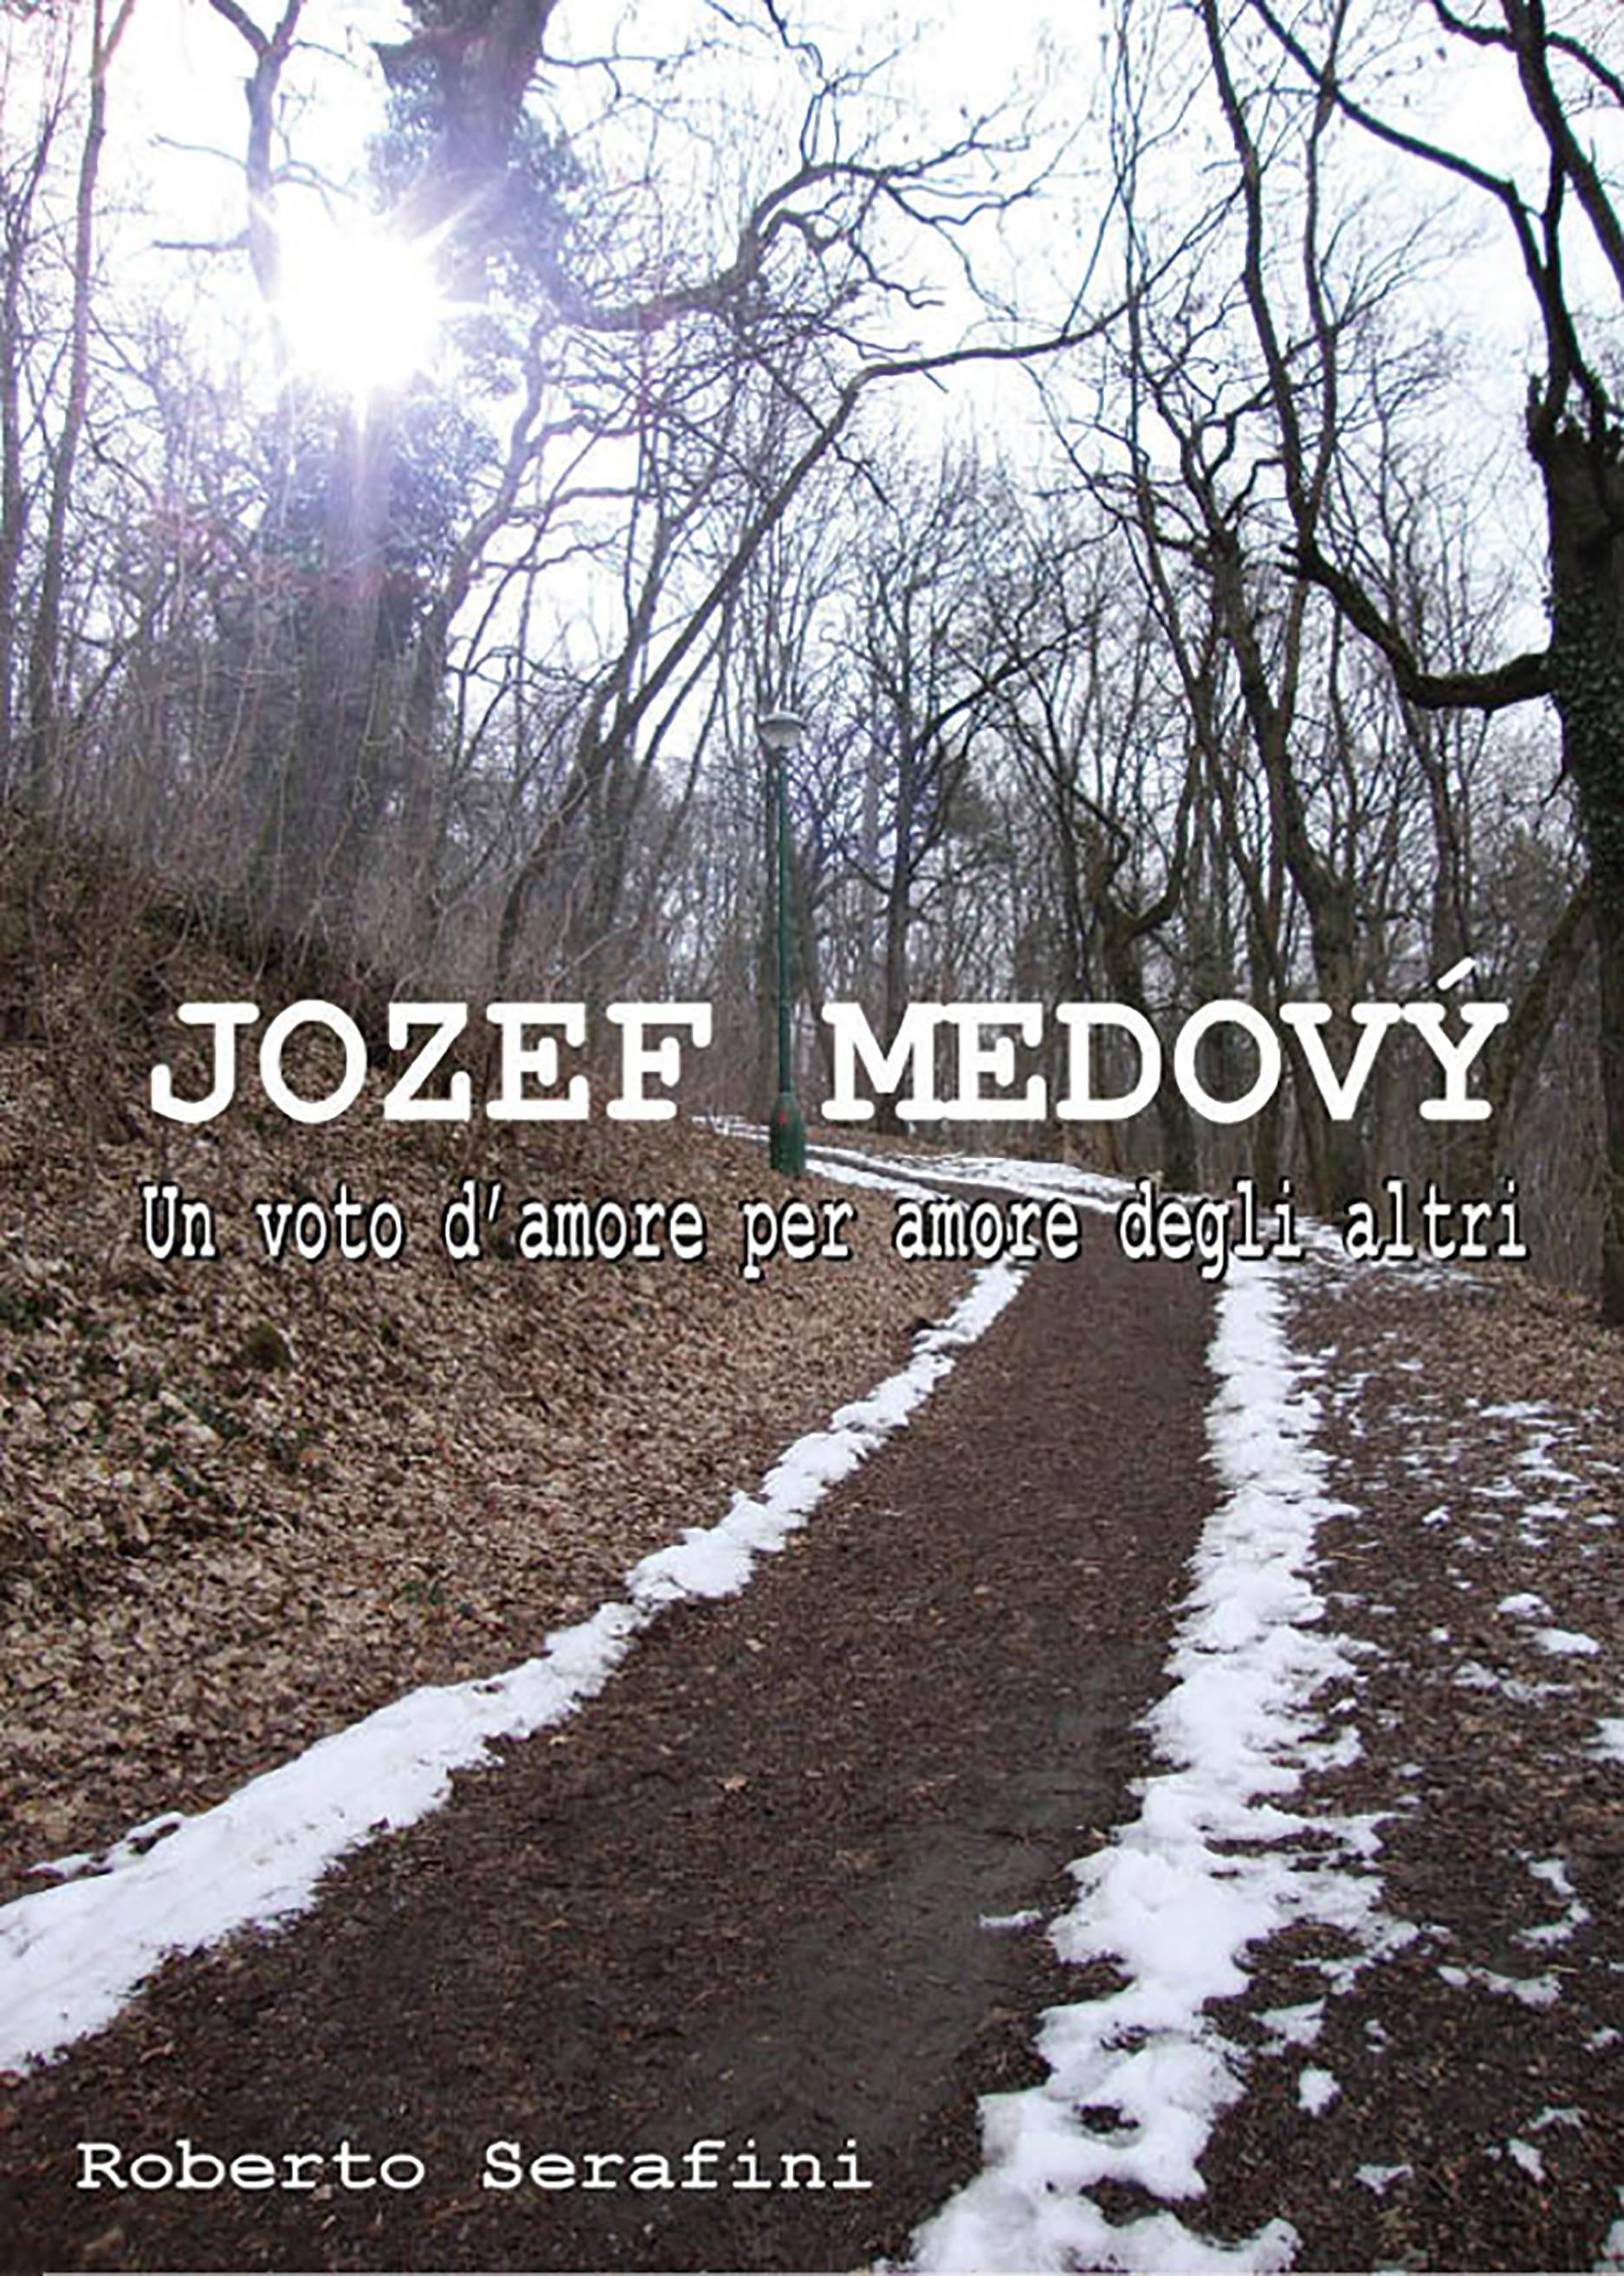 Jozef Medový